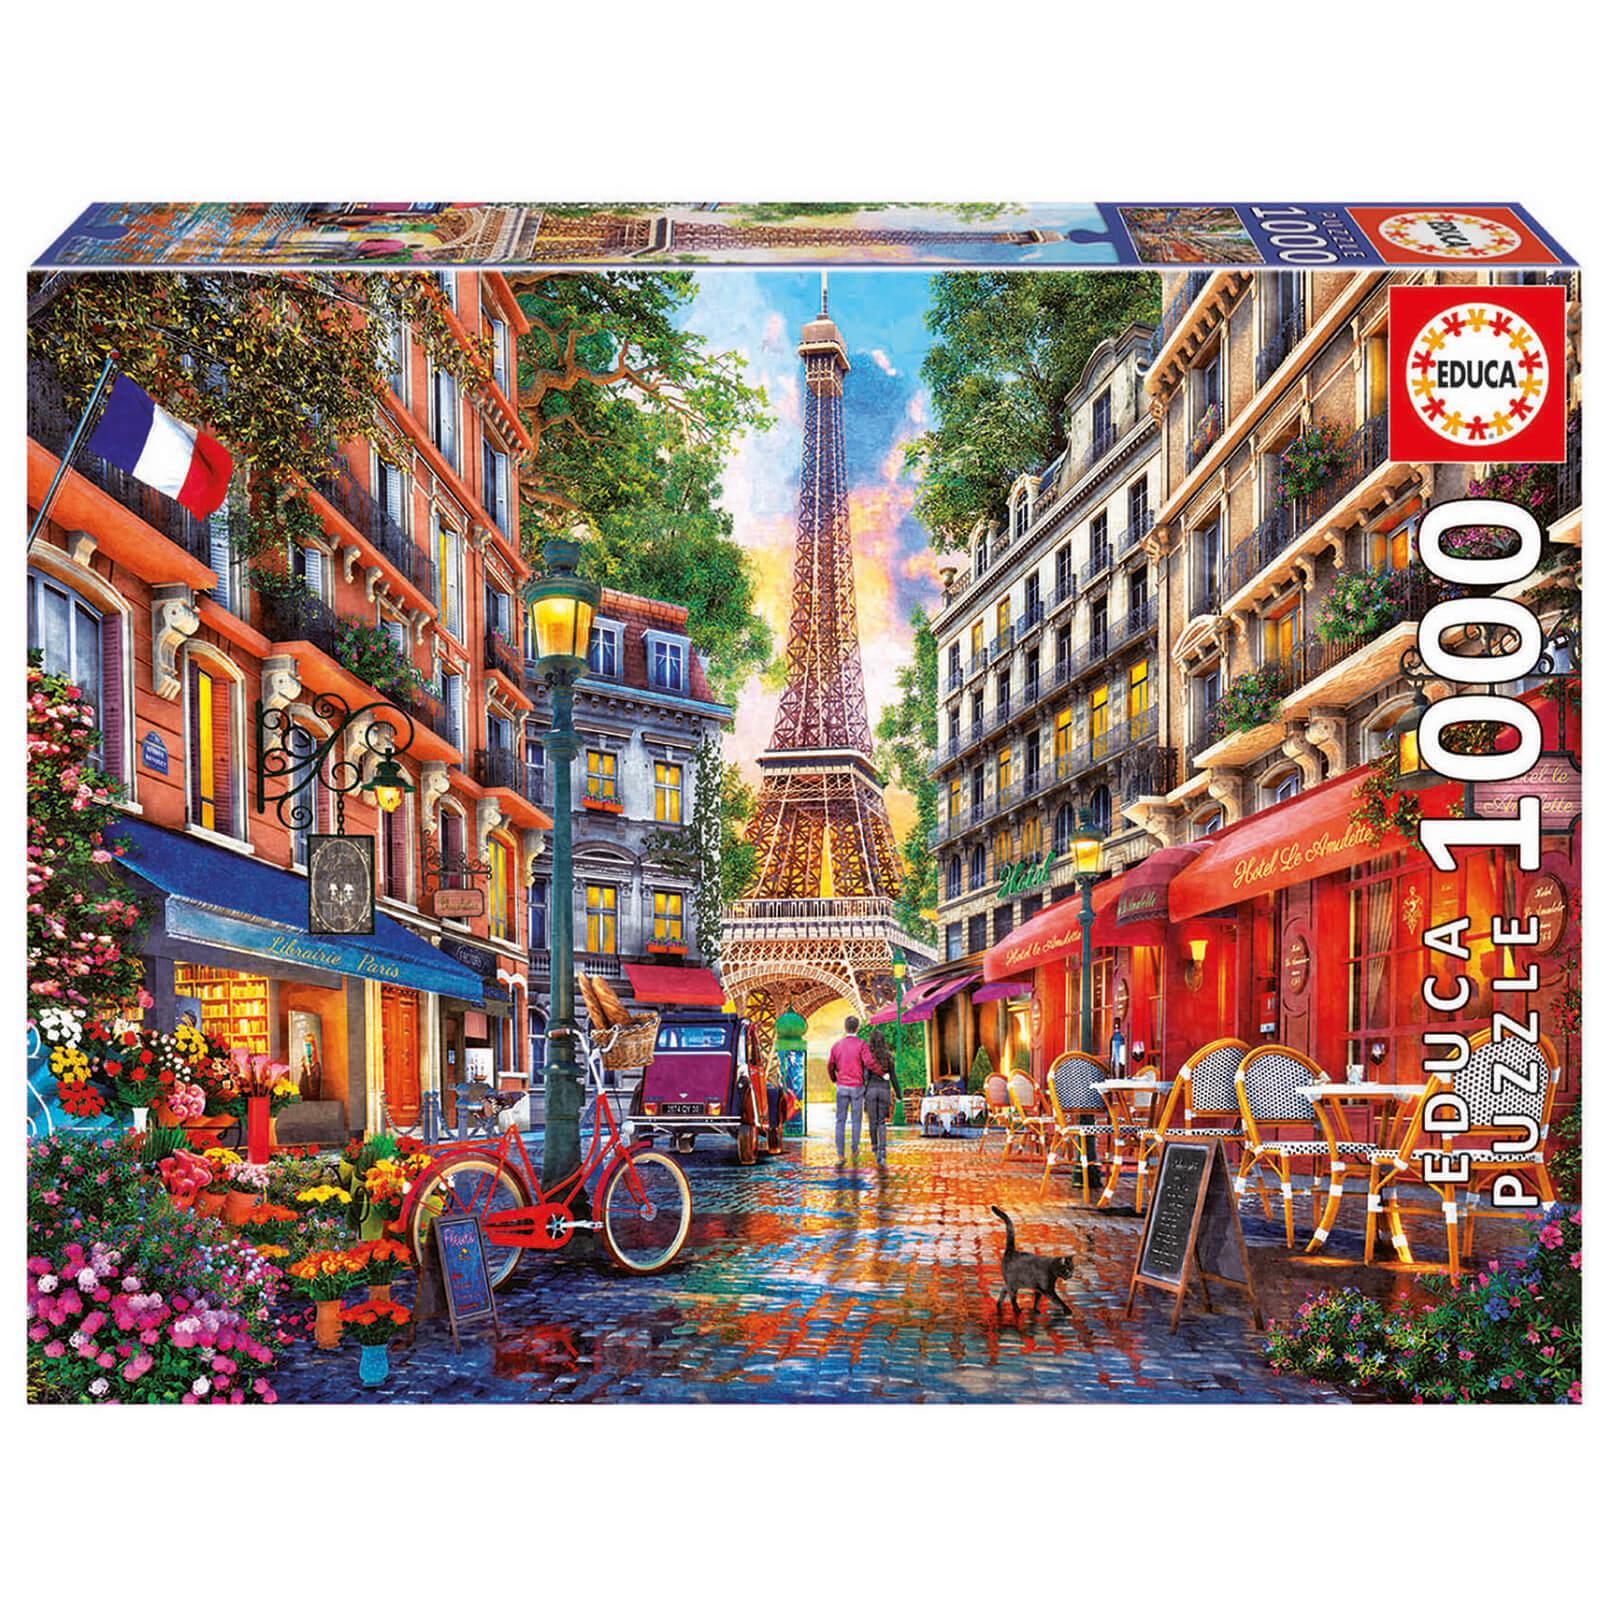 Image of Paris Dominic Davison Jigsaw Puzzle (1000 Pieces)